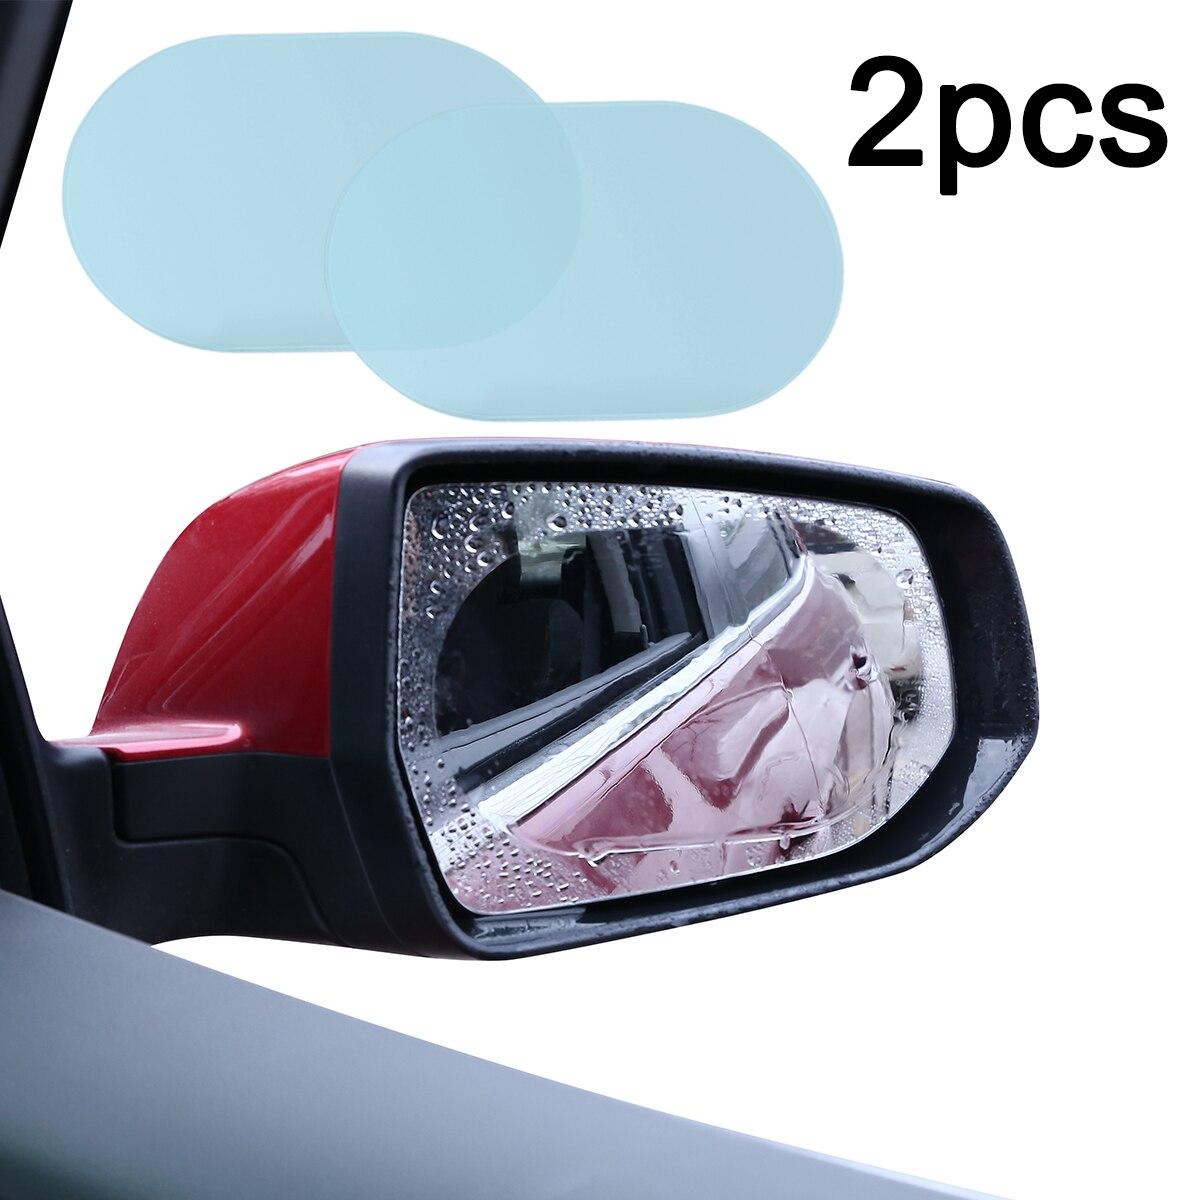 Mayitr 2Pcs 140*100 Millimetri Ovale Auto Anti Nebbia D'acqua Nebbia Pellicola Antipioggia Retrovisore Specchio Finestra Pellicola Protettiva